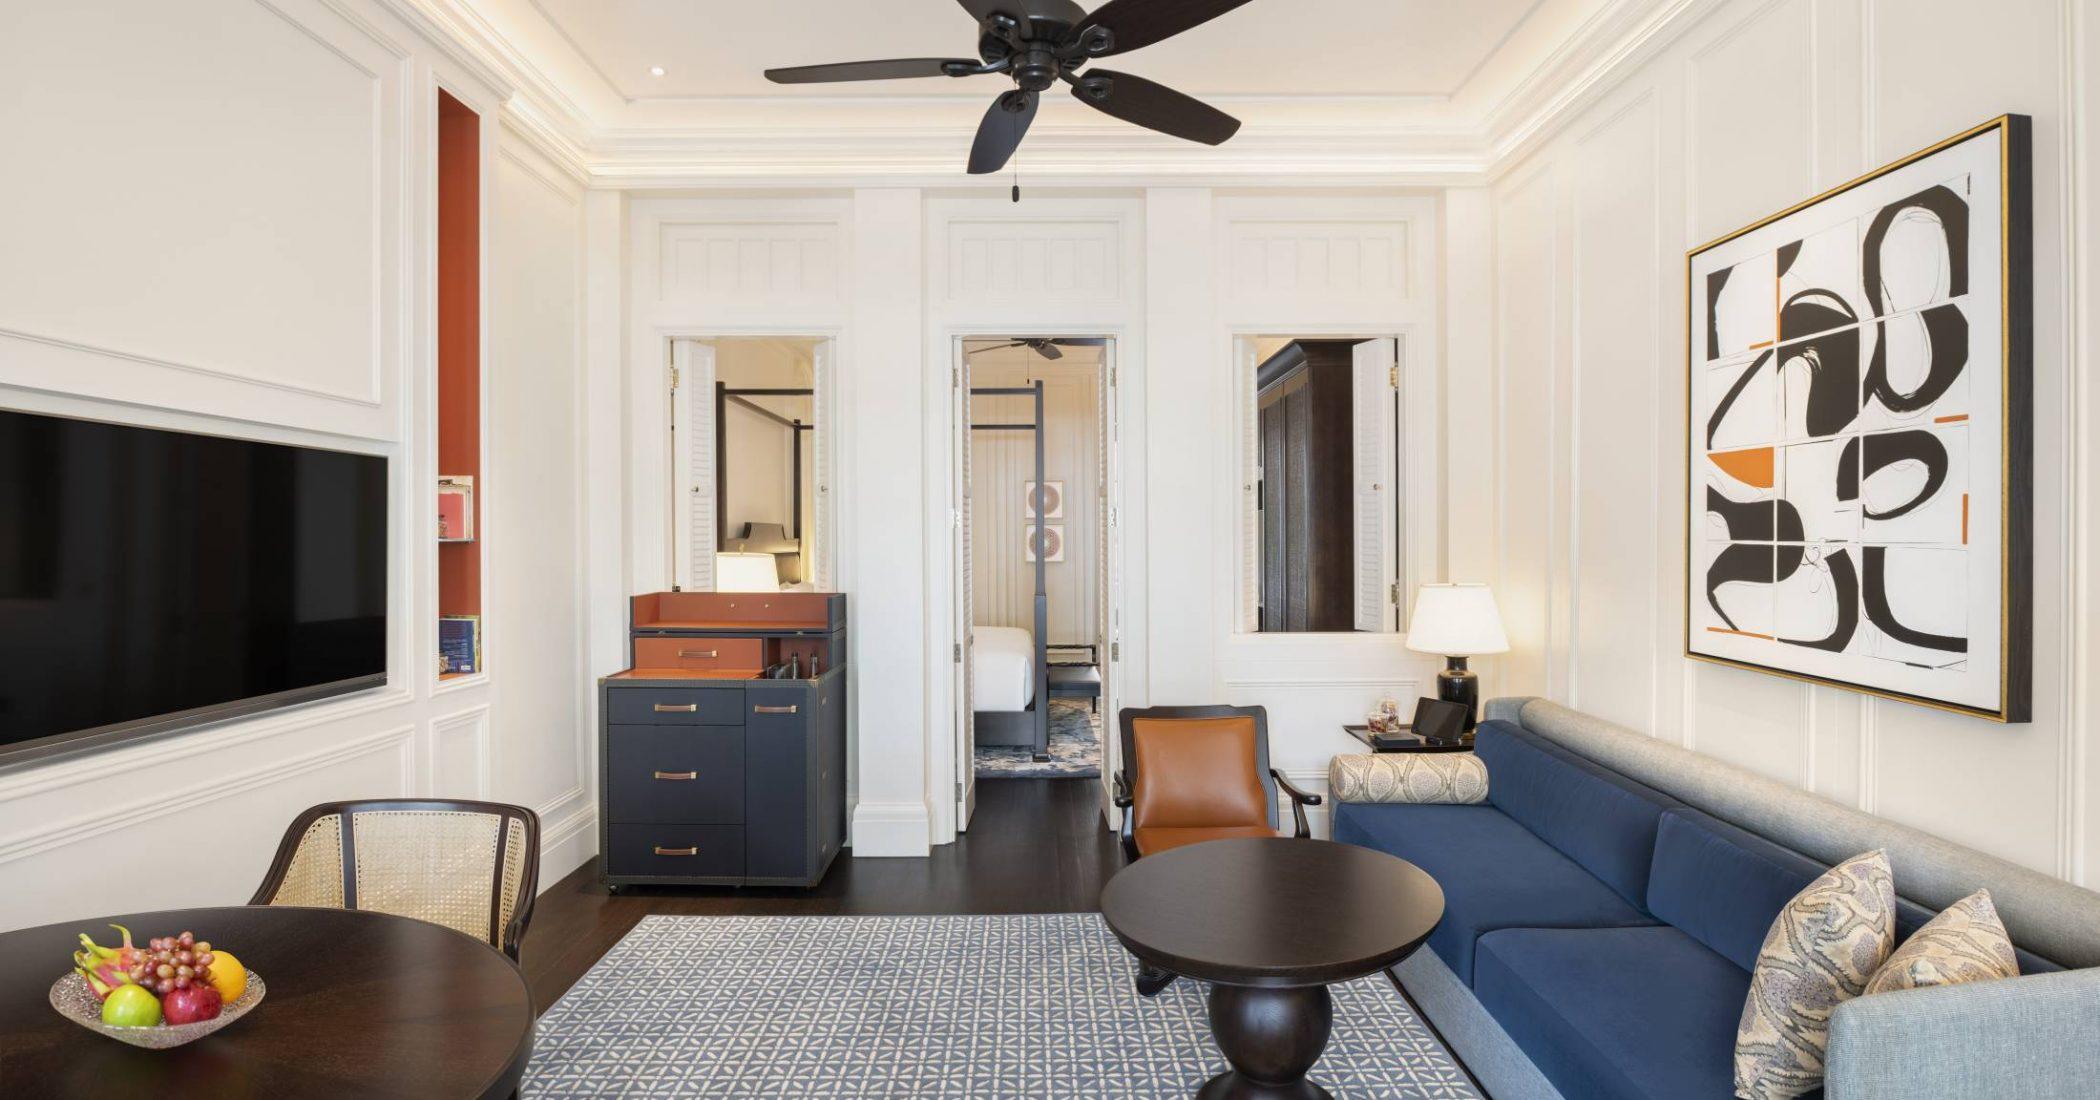 Raffles Singapore - State Room Suites